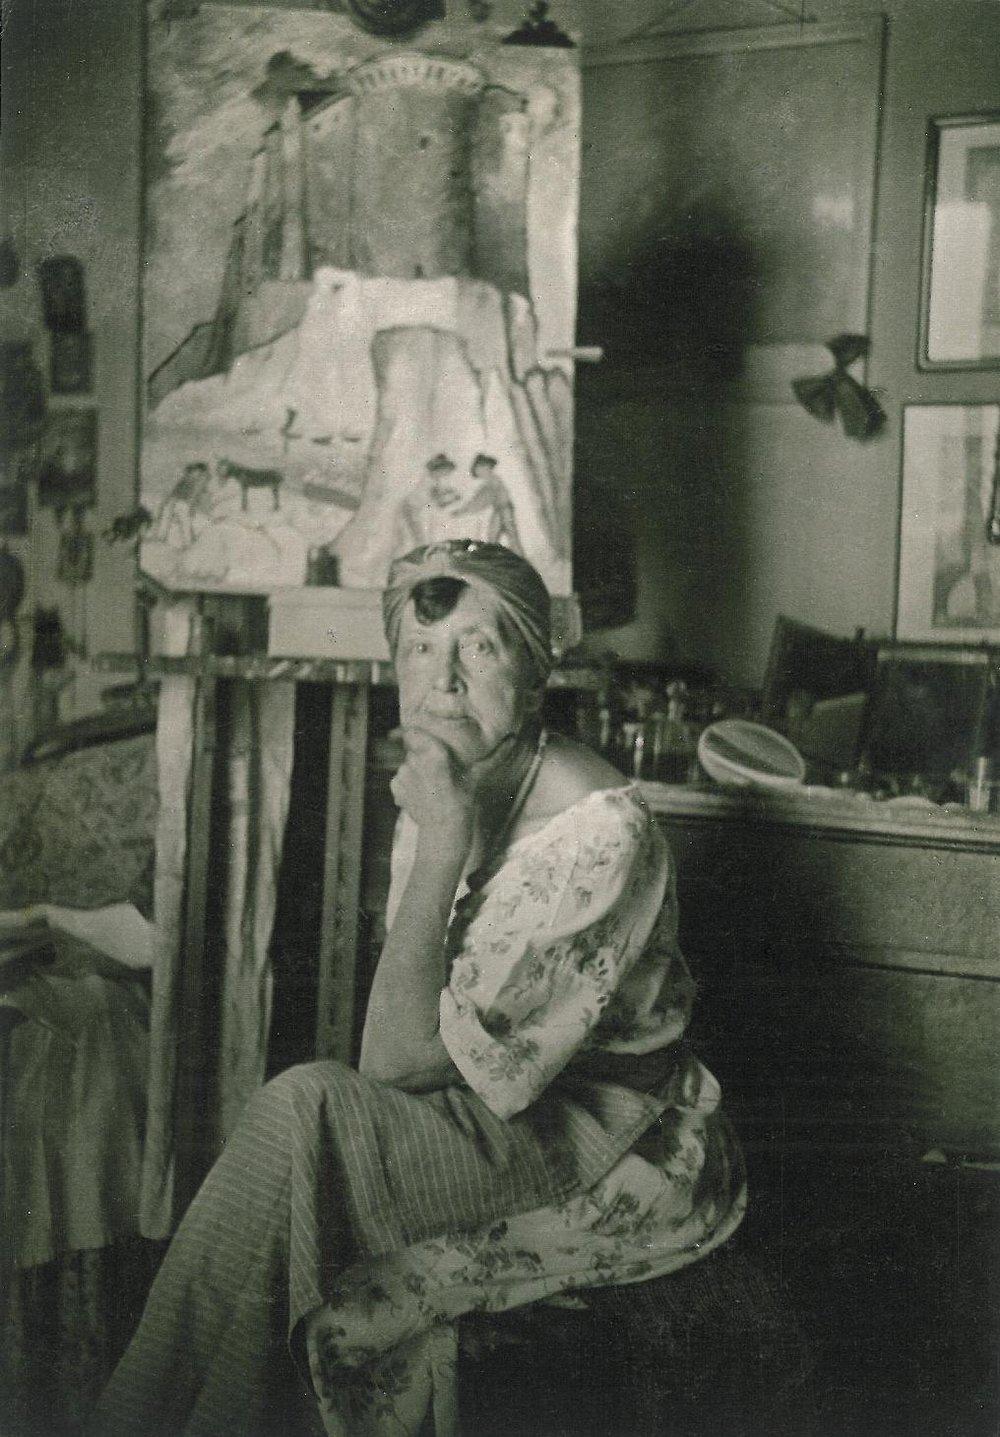 Marianne von Werefkin Born: September 10, 1860 Died: February 6, 1938